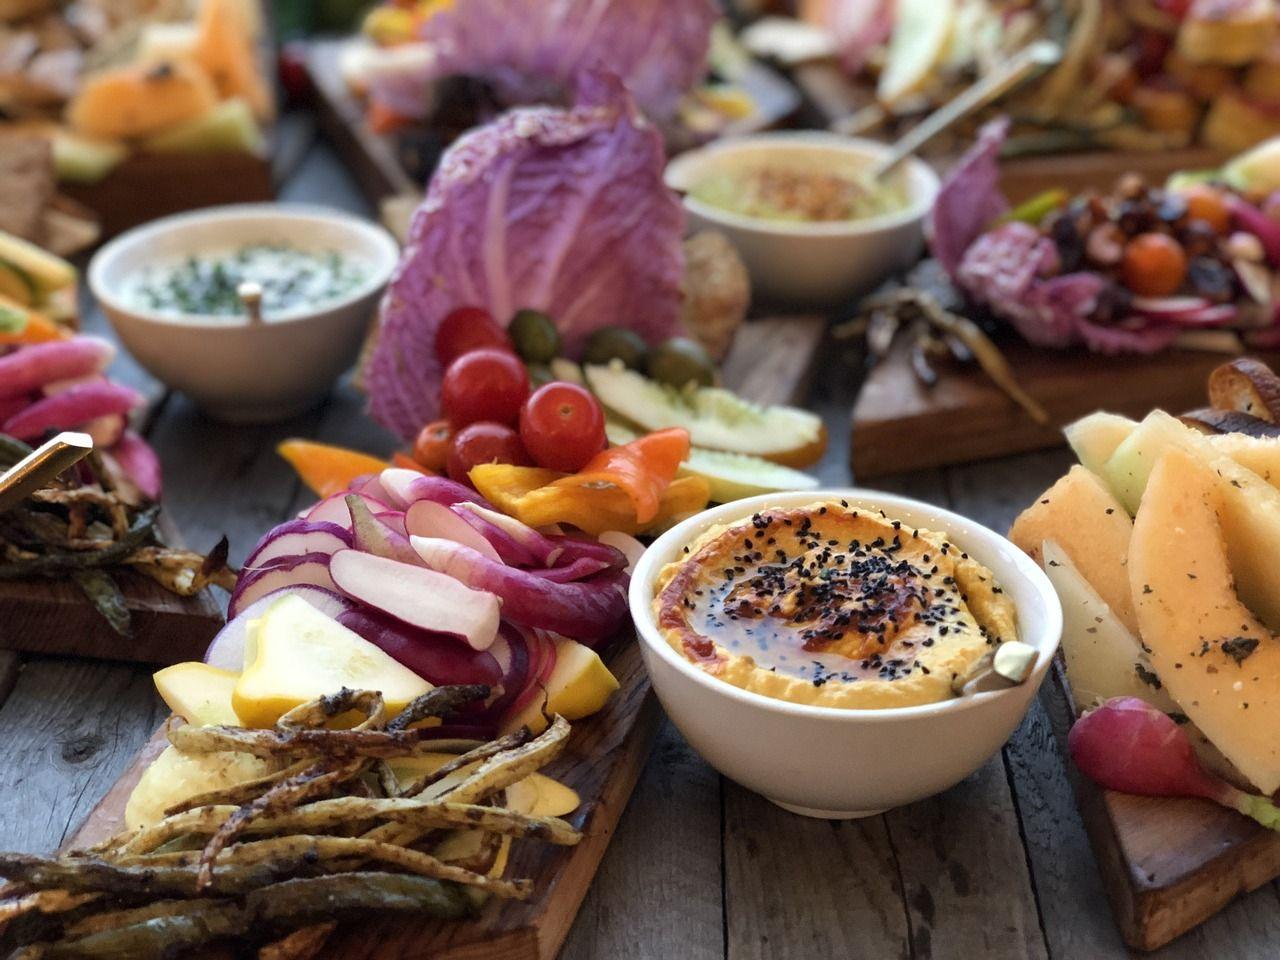 Levante-Küche - Nahost Tradition wird zum Food Trend  Gesunde